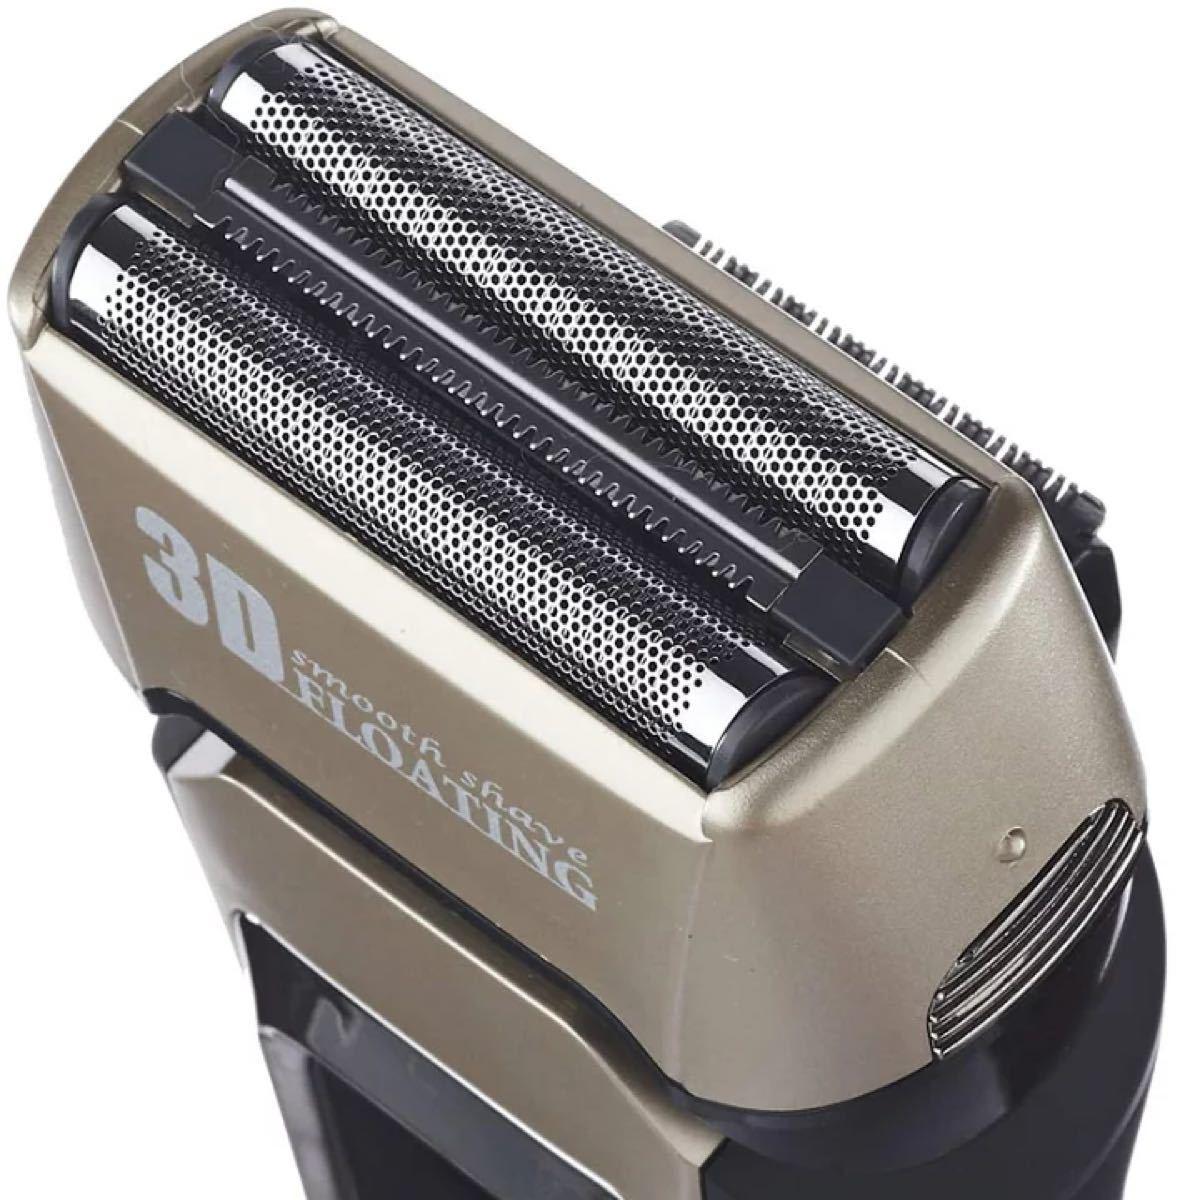 新品  電気シェーバー メンズシェーバー 充電式 ひげそり ゴールド 防水